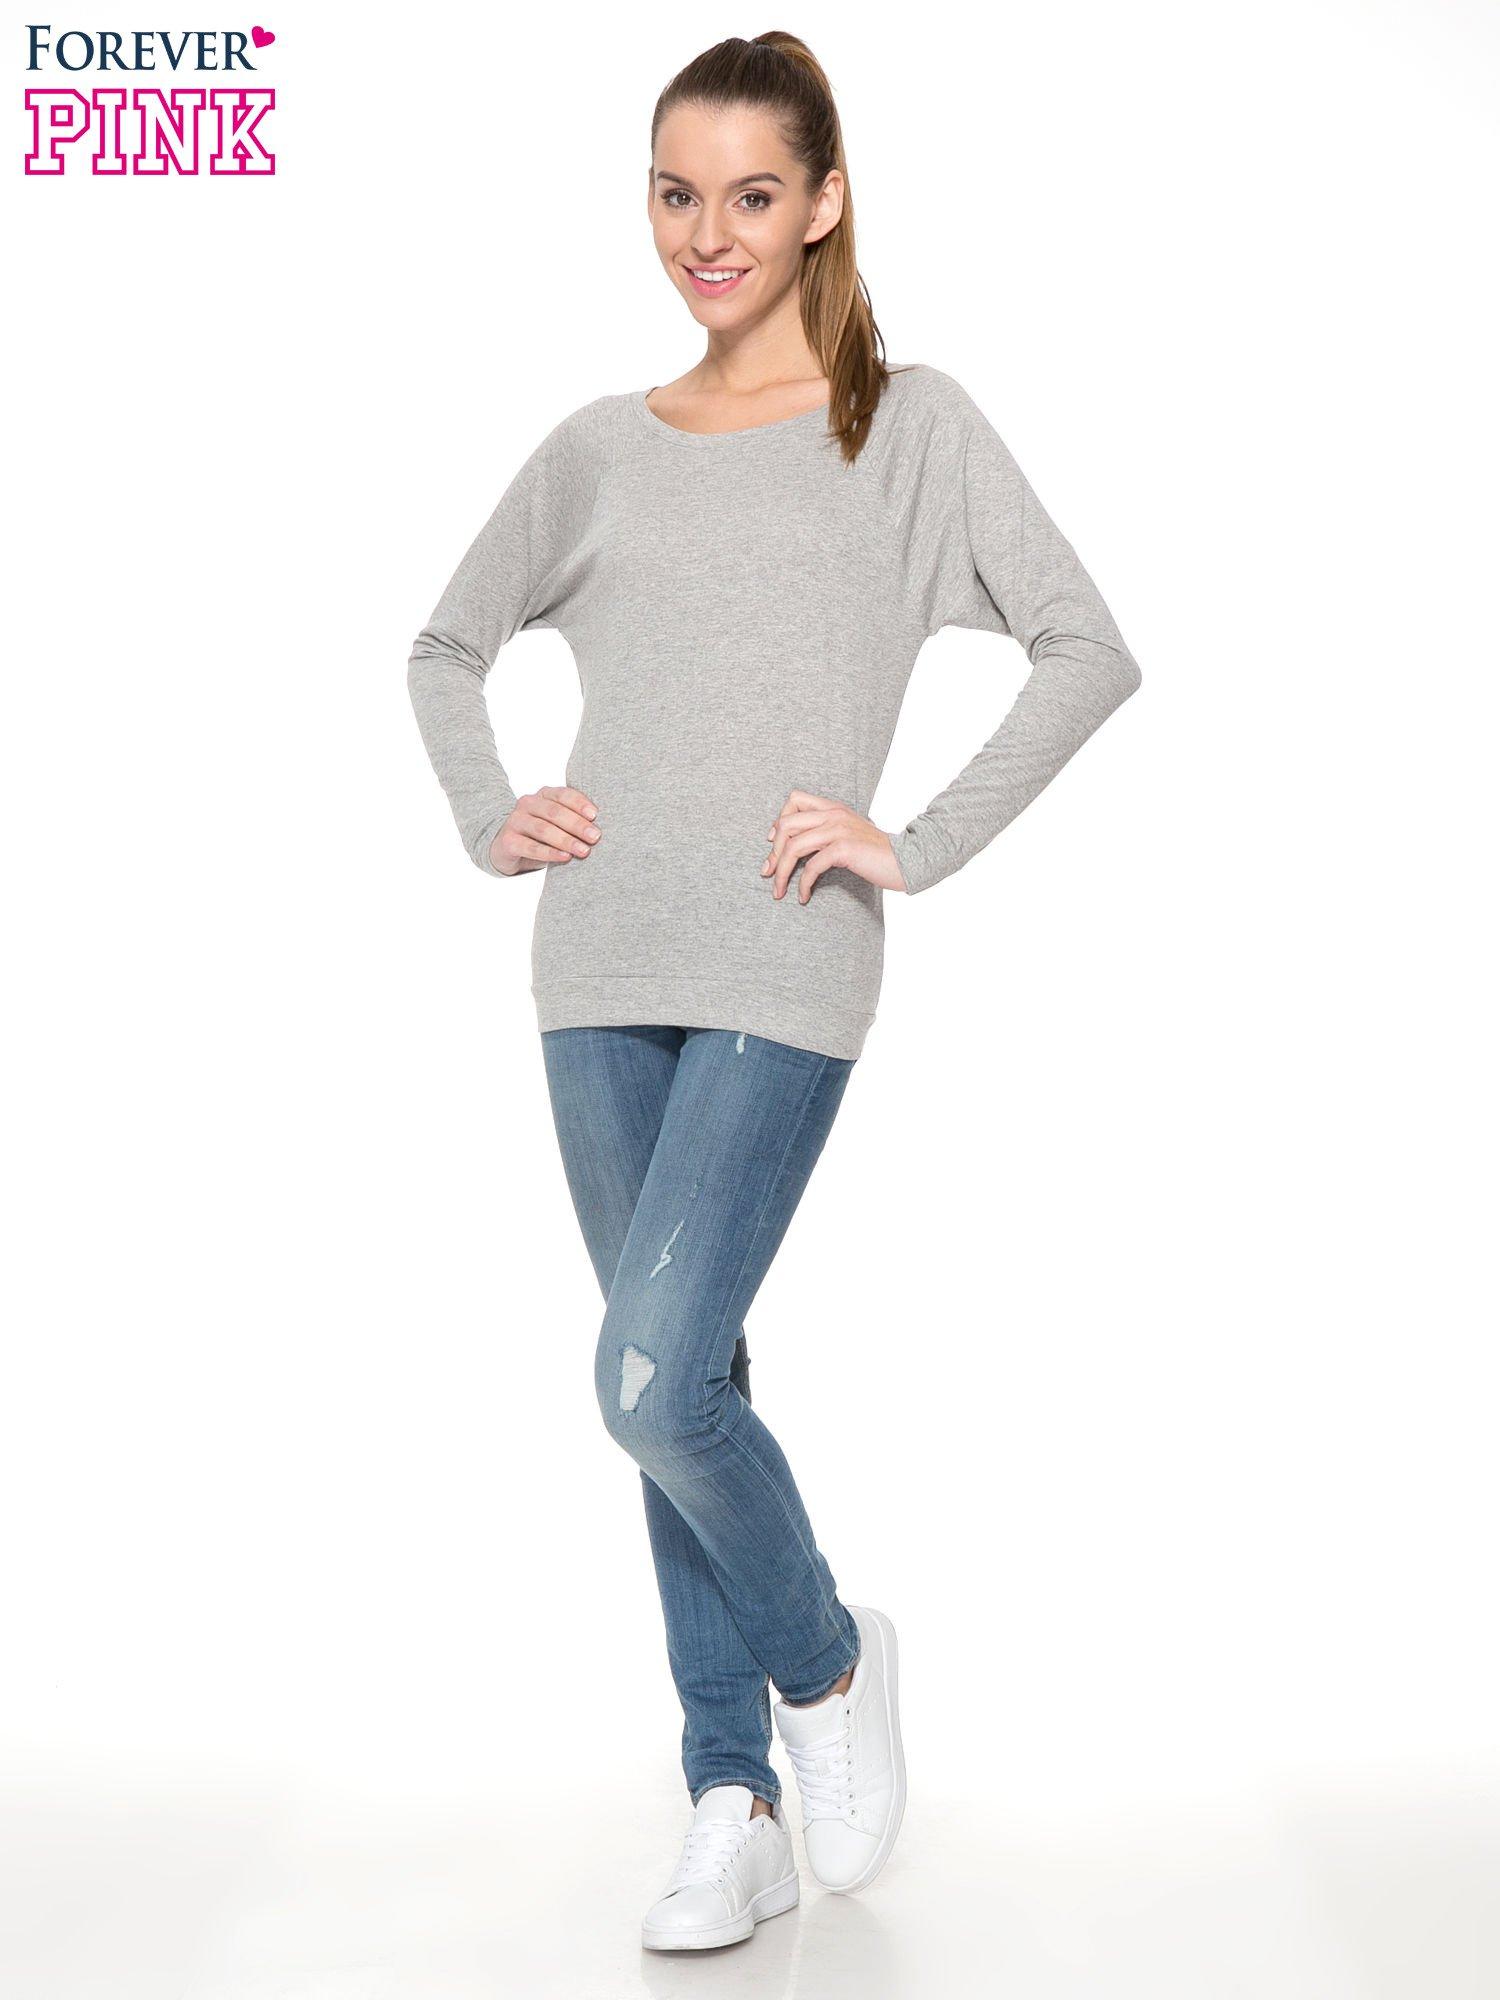 Jasnoszara melanżowa bawełniana bluzka z rękawami typu reglan                                  zdj.                                  2